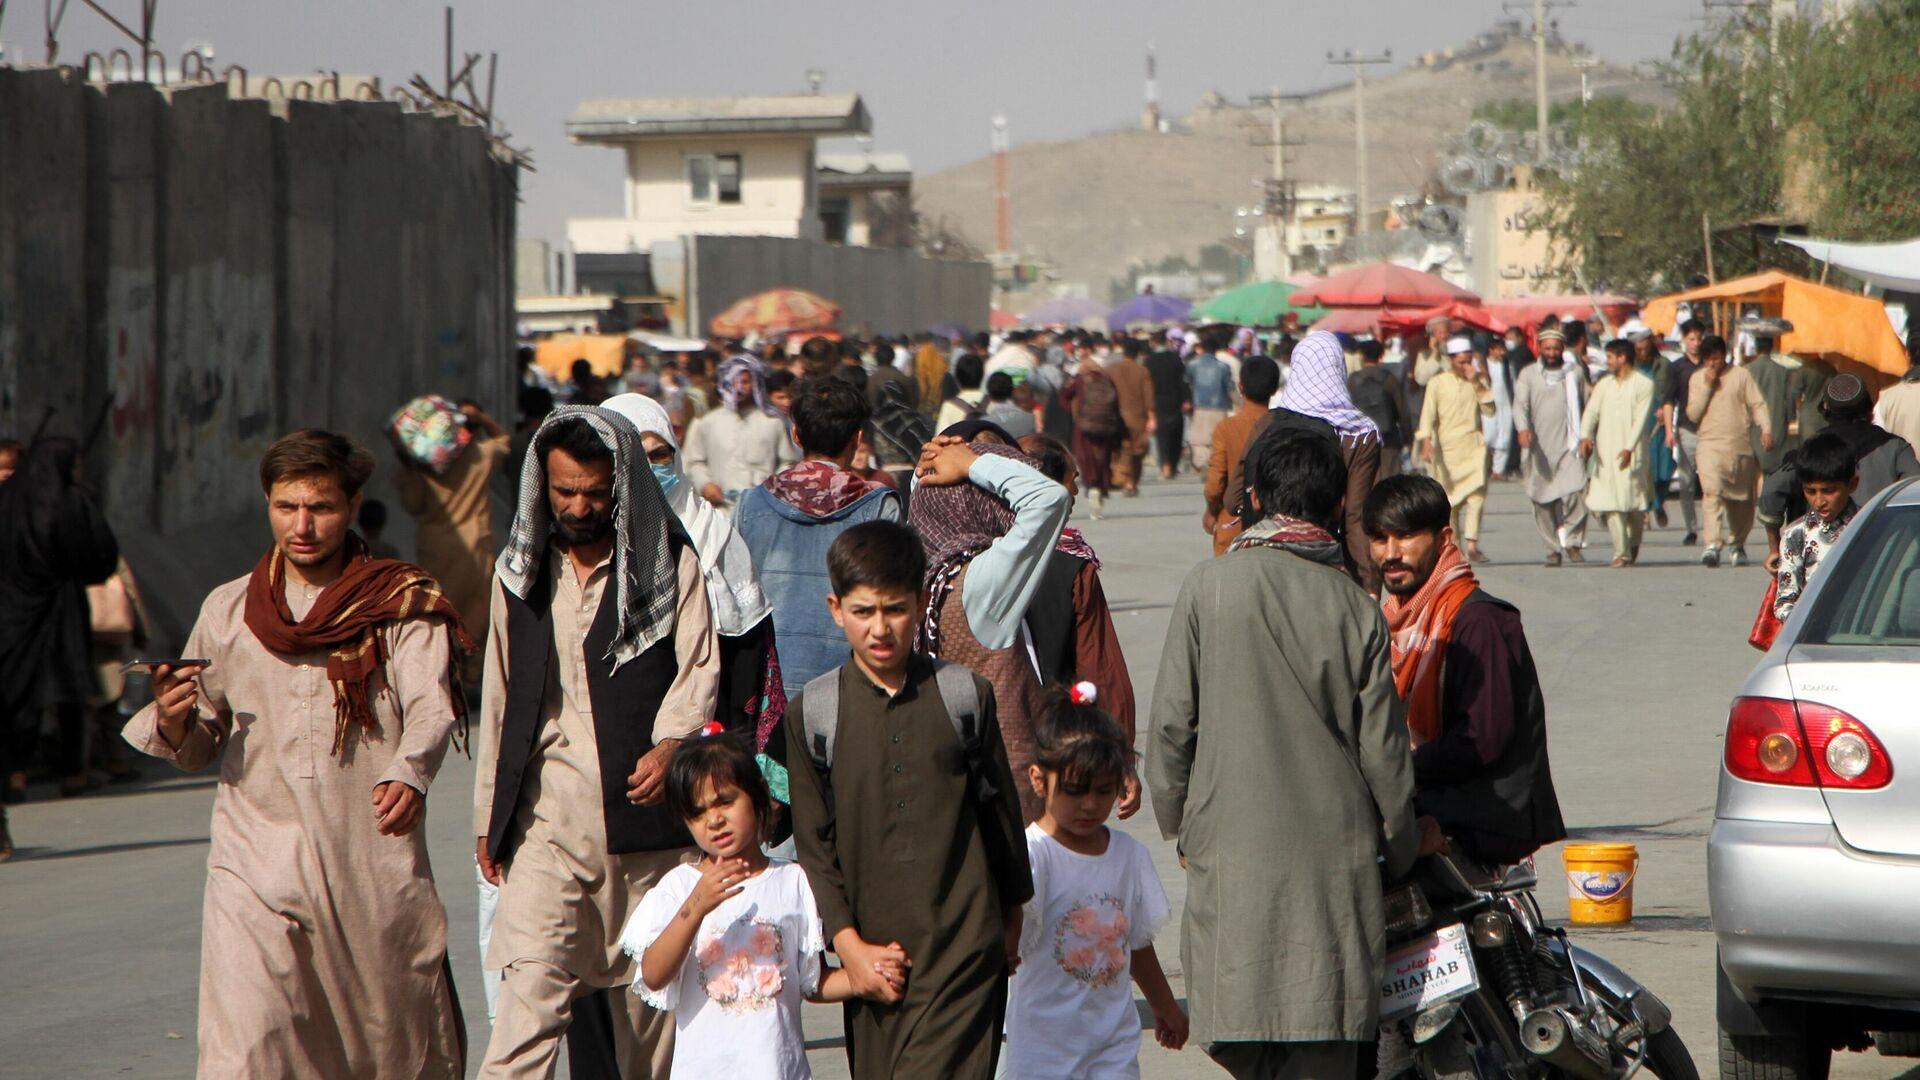 Люди возле международного аэропорта имени Хамида Карзая в Кабуле - РИА Новости, 1920, 16.09.2021